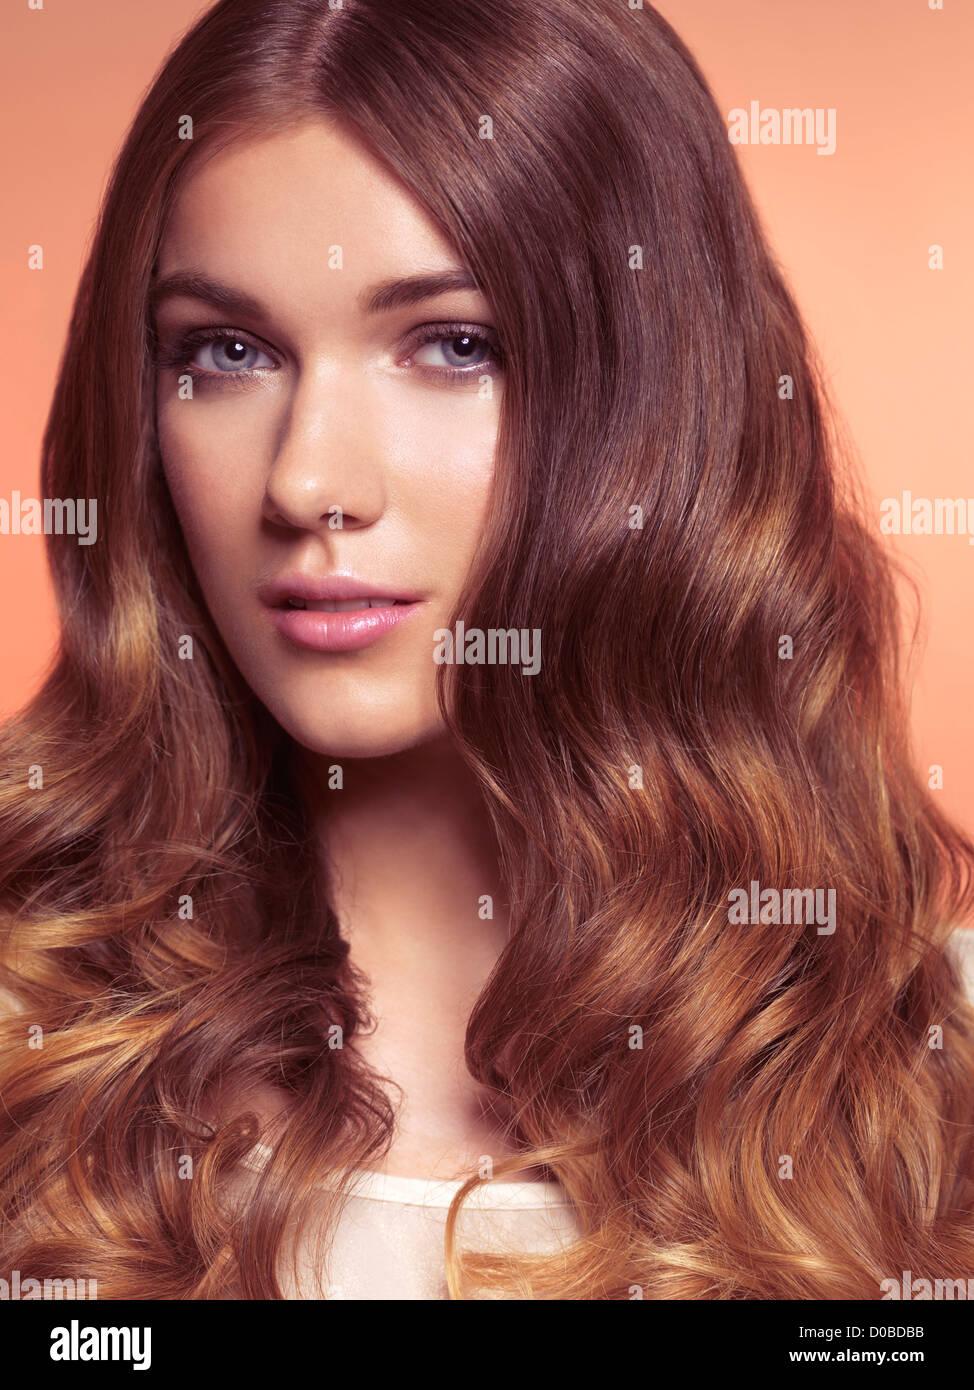 Portrait de beauté d'une jeune femme aux longs cheveux bruns ondulés Photo Stock